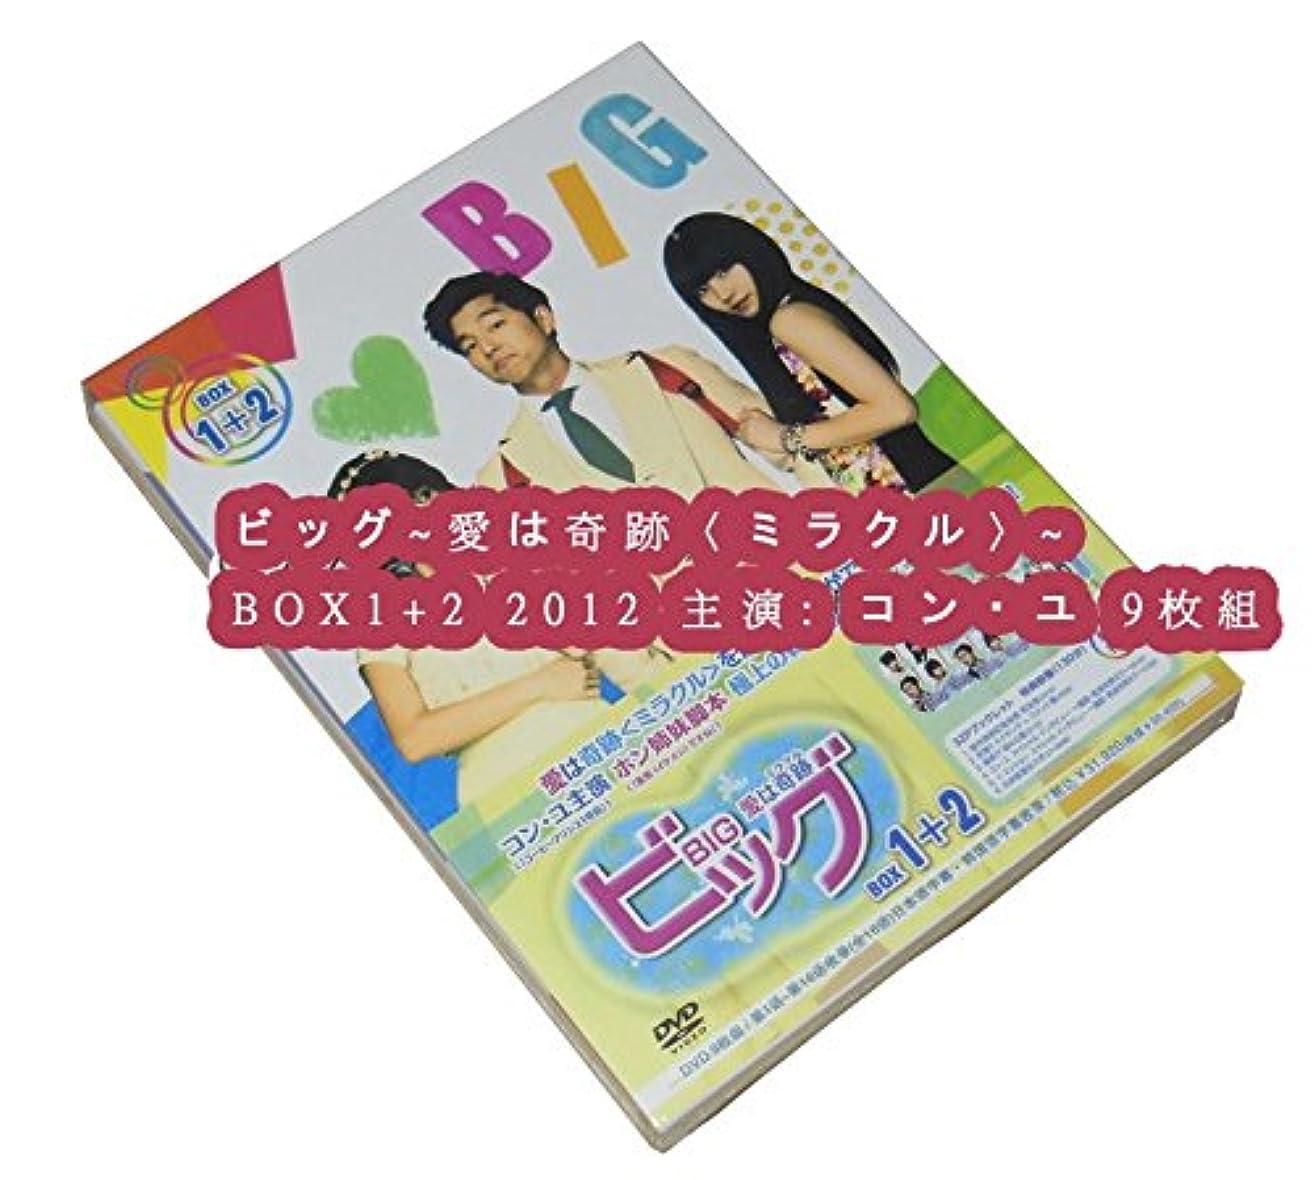 それらアイザック時々時々ビッグ~愛は奇跡〈ミラクル〉~ BOX1+2 2012 主演: コン?ユ